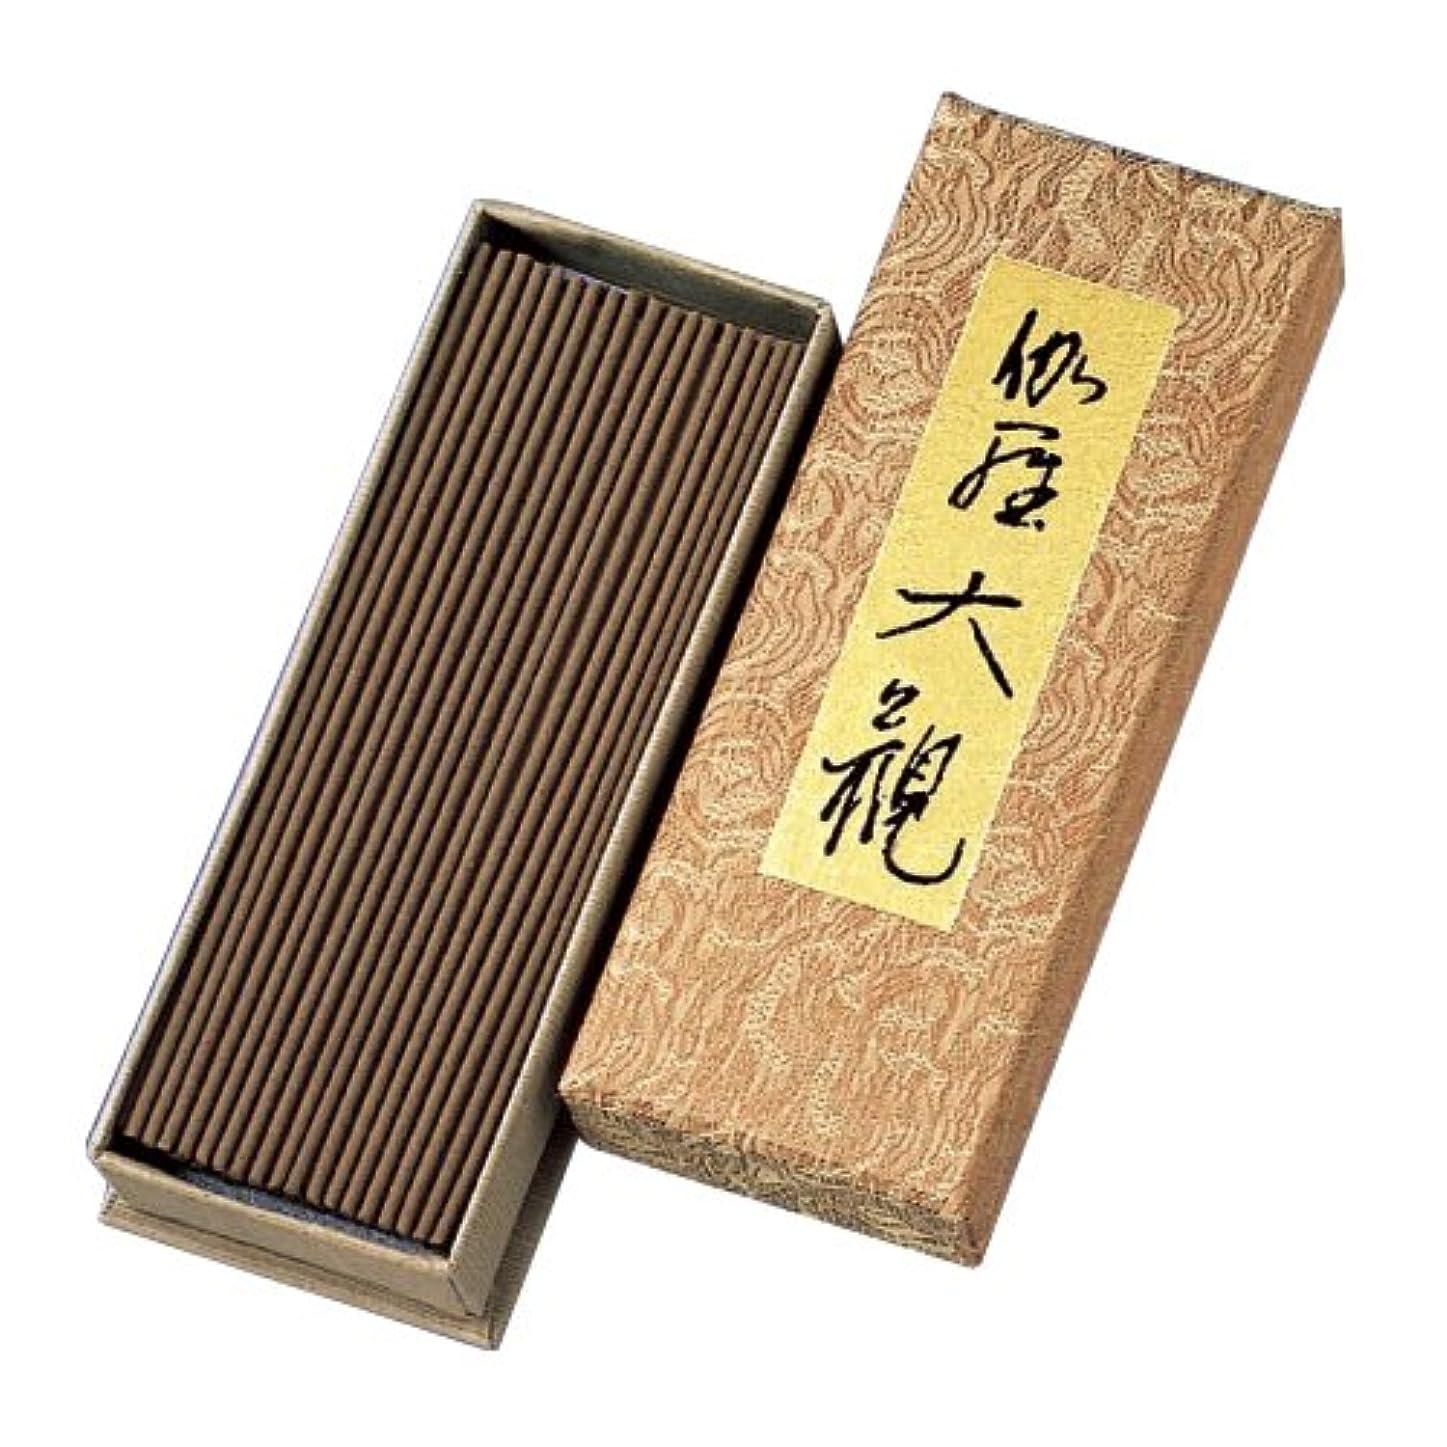 手術タイムリーな大きいNippon Kodo?–?Kyara Taikan?–?プレミアムAloeswood Incense 150?sticks